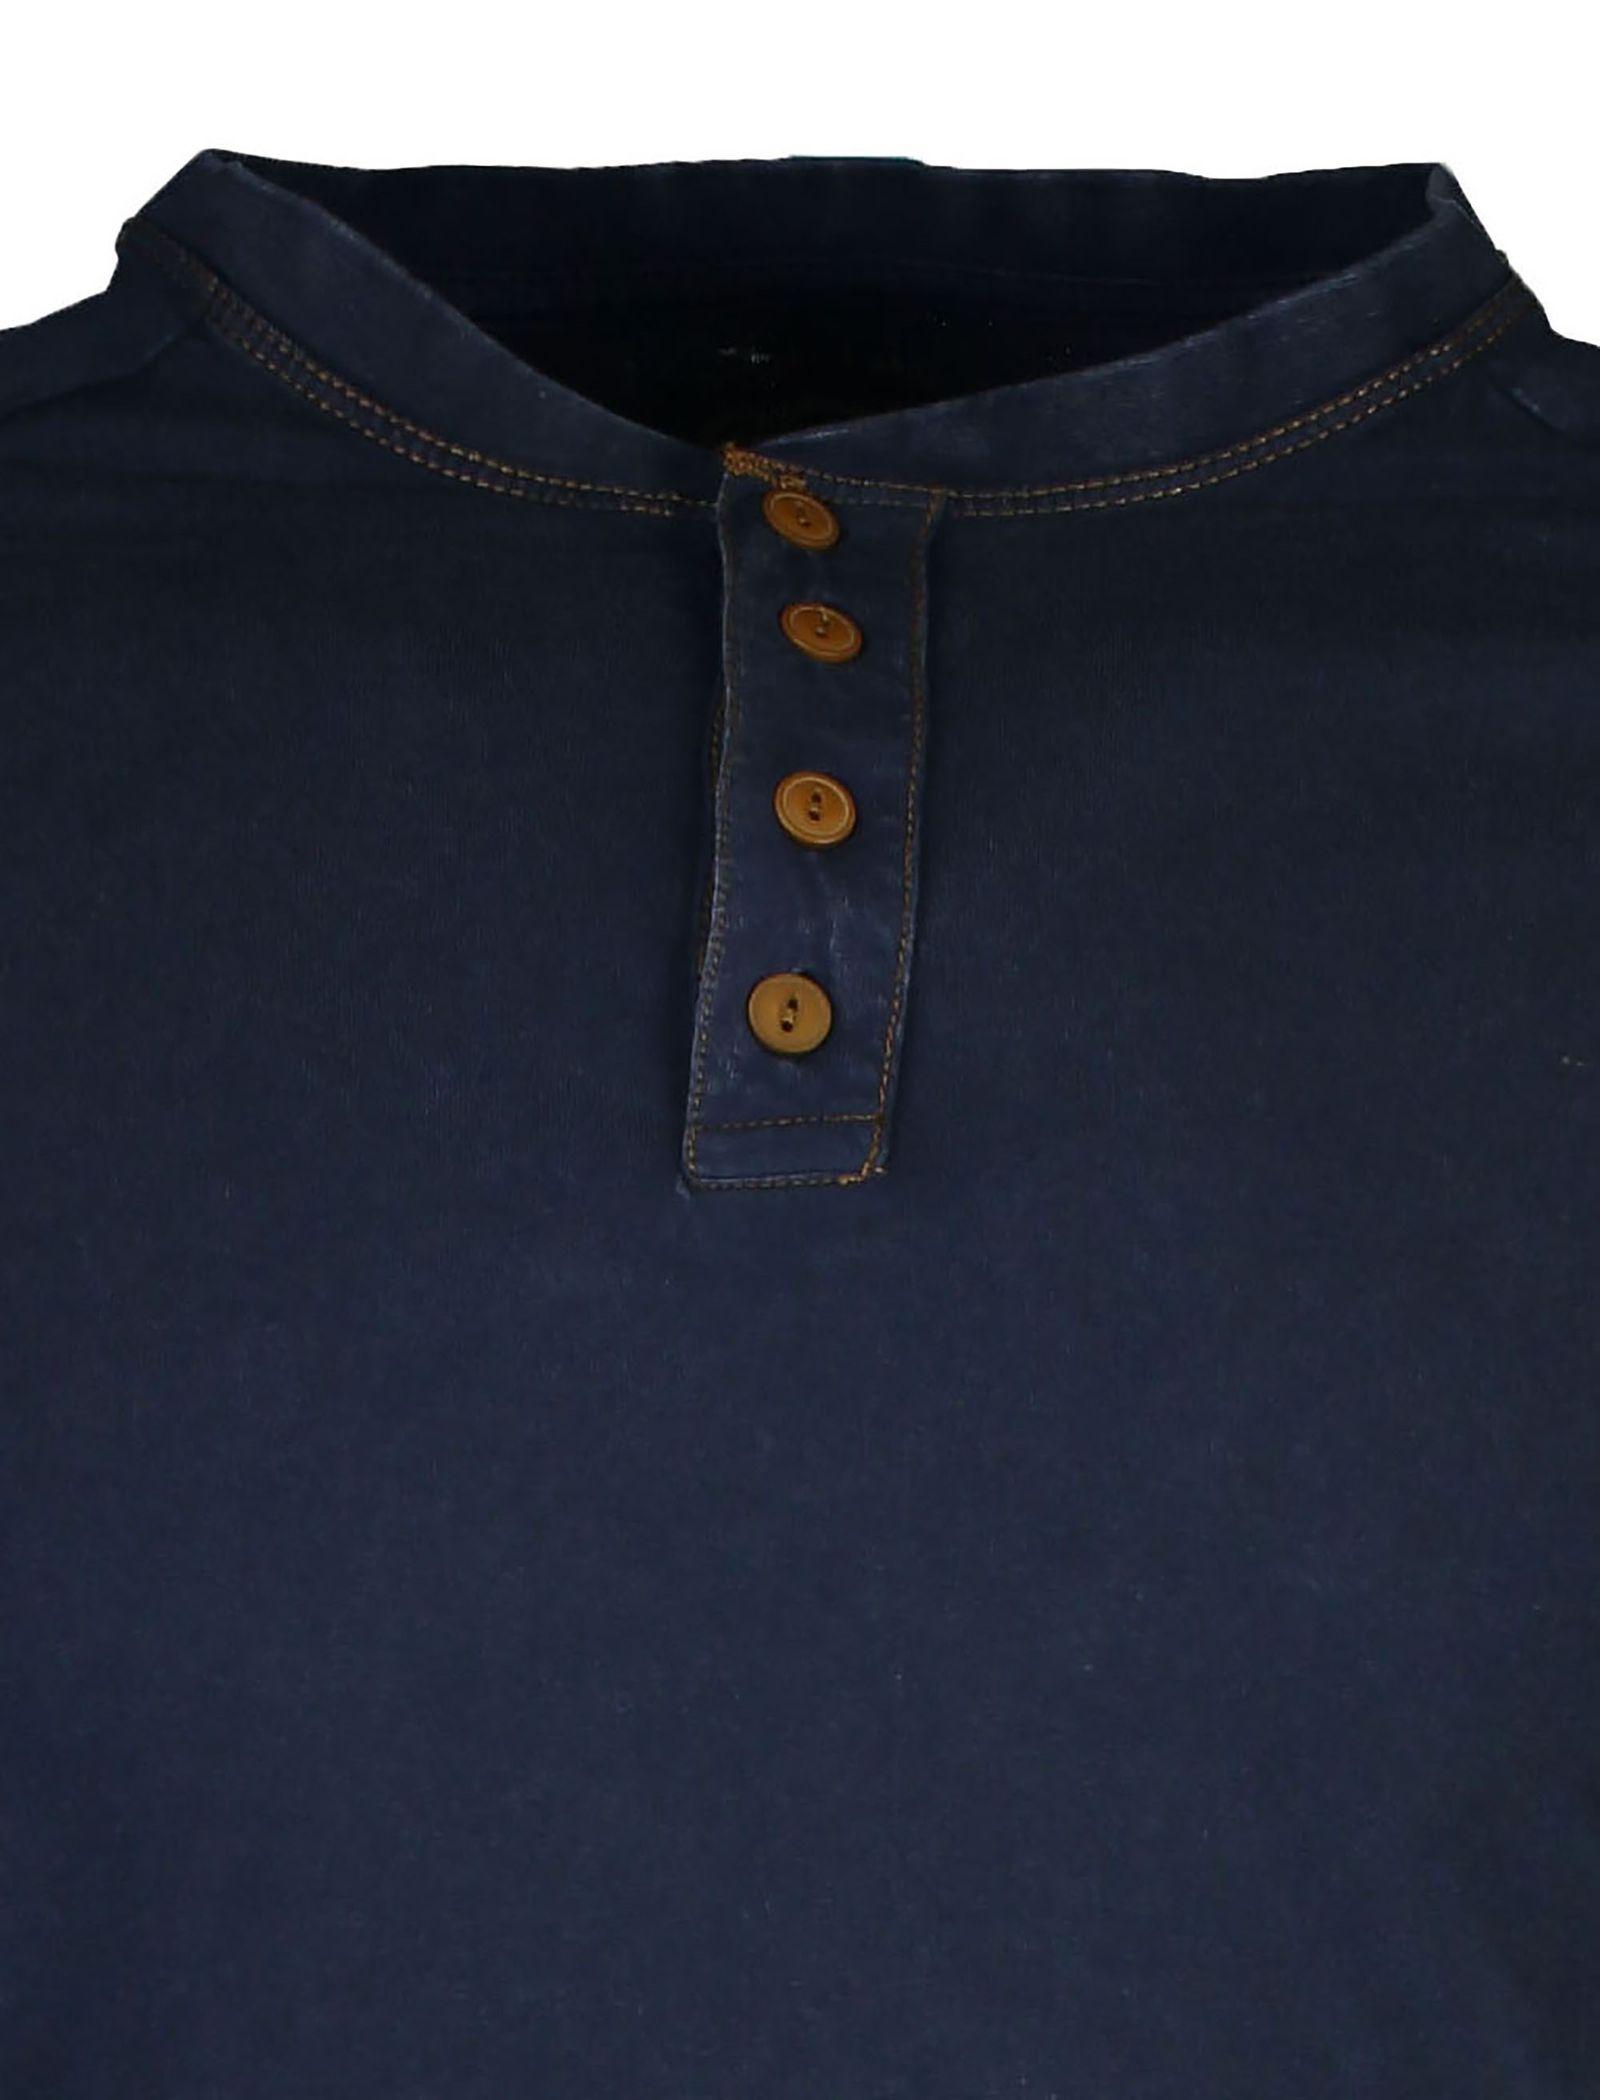 تی شرت نخی یقه هفت مردانه - یوپیم - سرمه اي - 4